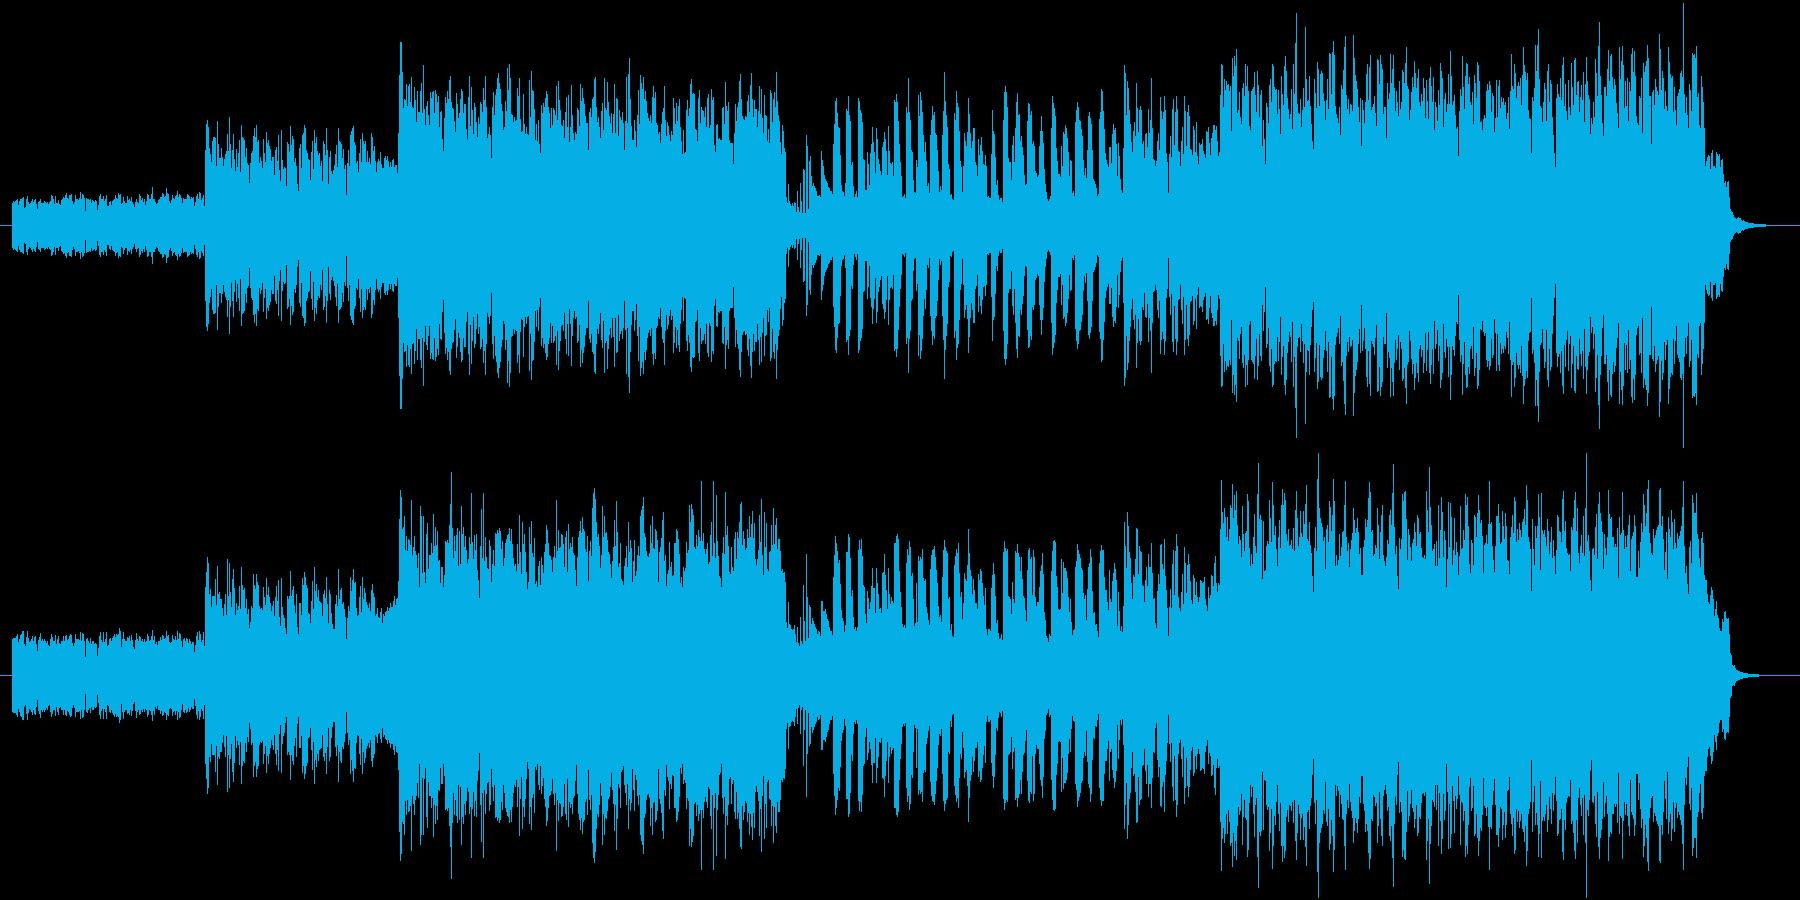 シンセと打ち込みのビートポップスの再生済みの波形